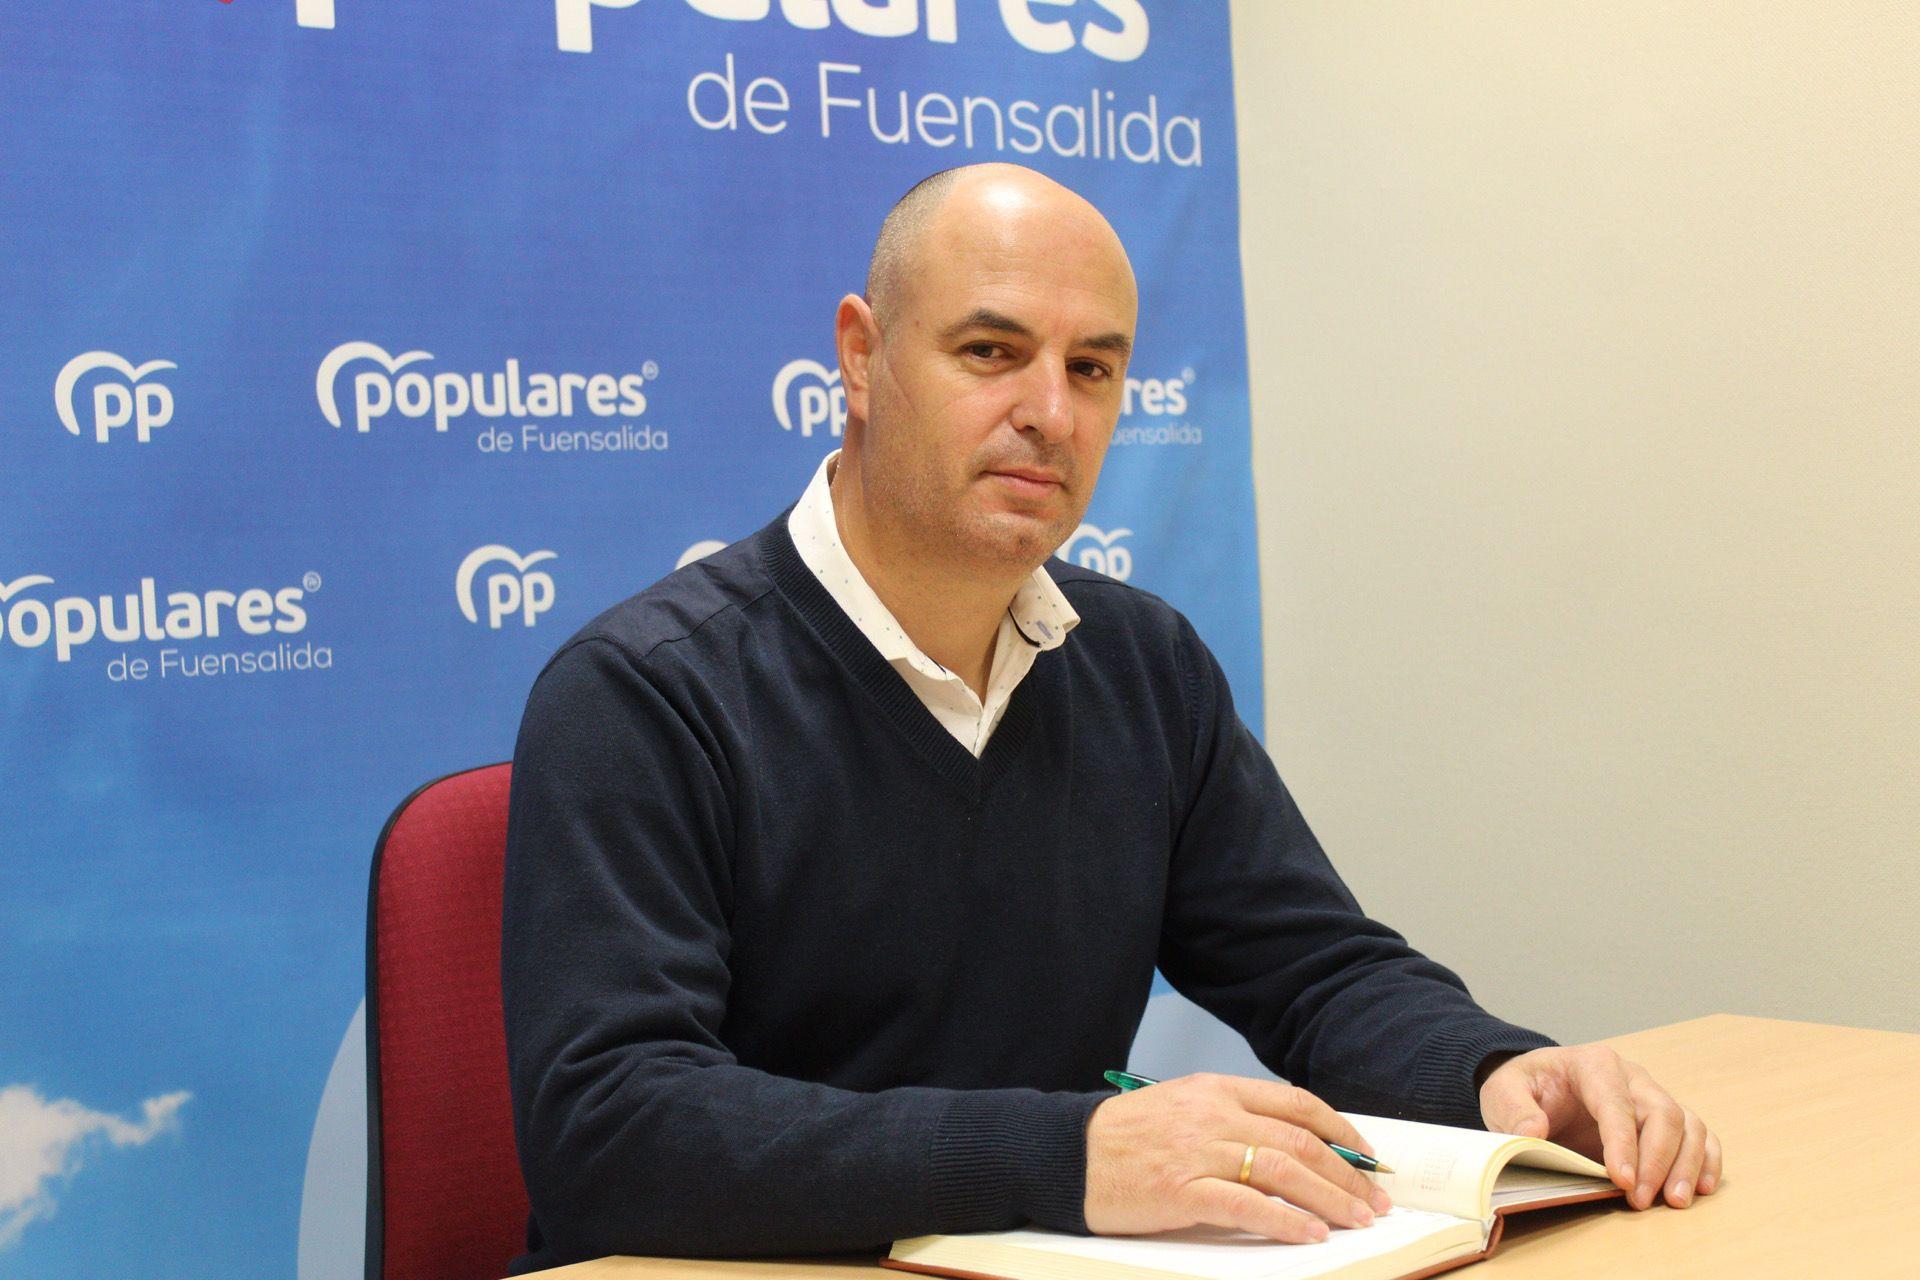 Alonso celebra la unanimidad en torno al calzado en las Cortes y recuerda que el voto a la iniciativa del PP demostrará el apoyo real al sector